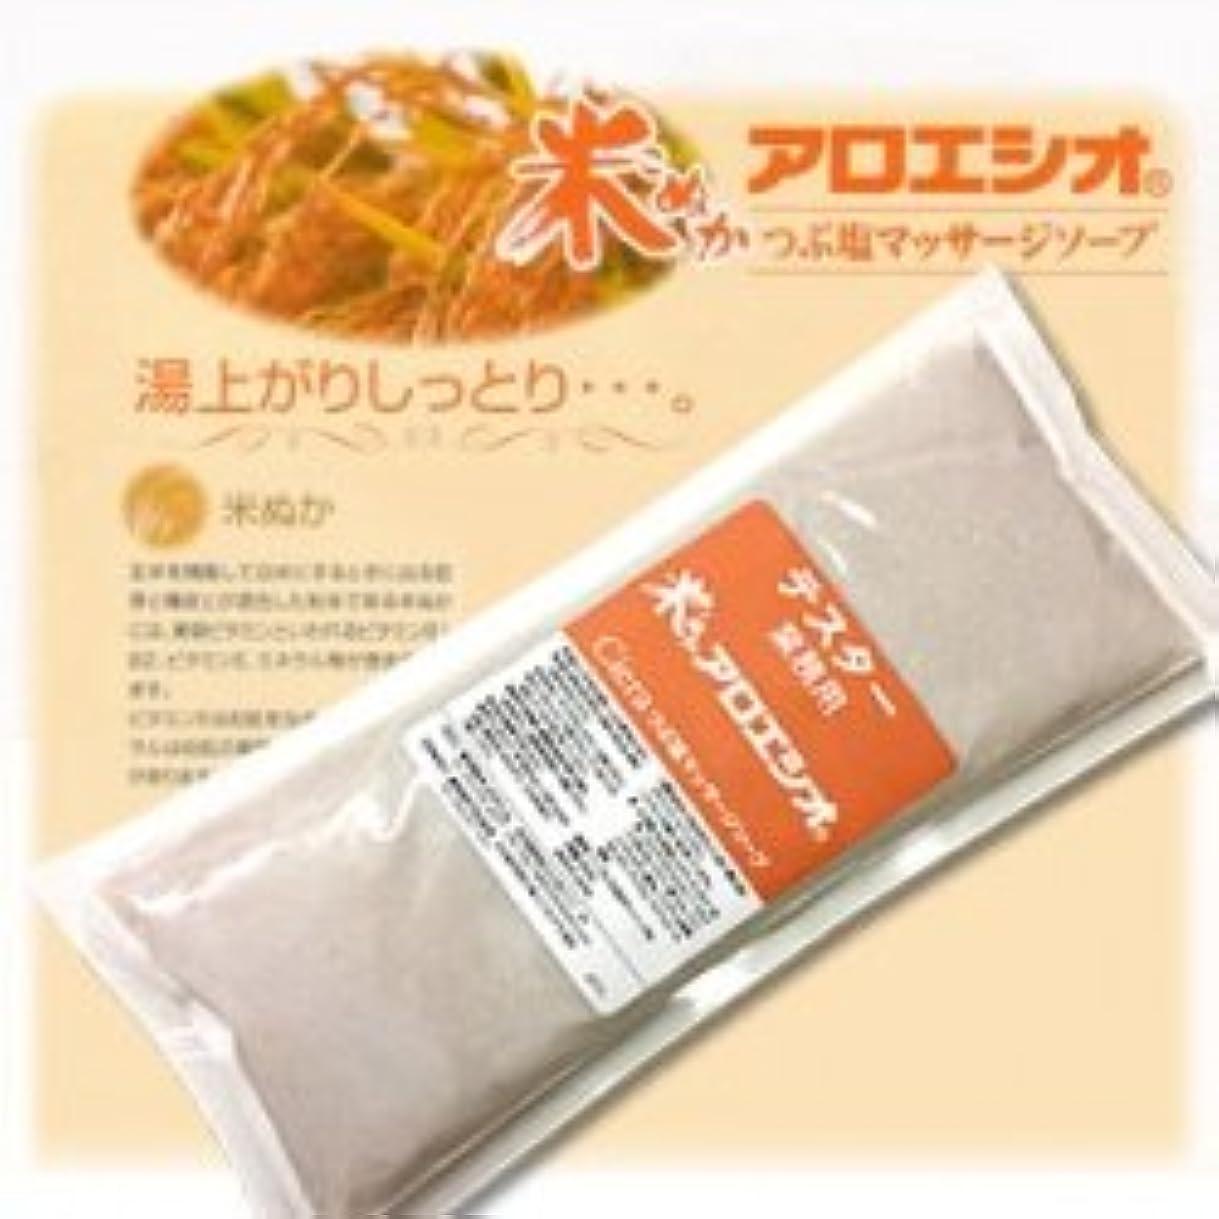 スーツケース巨人住む業務用米ぬかアロエ塩 800g つぶ塩マッサージソープ/ フタバ化学 アロエシオ Ciera